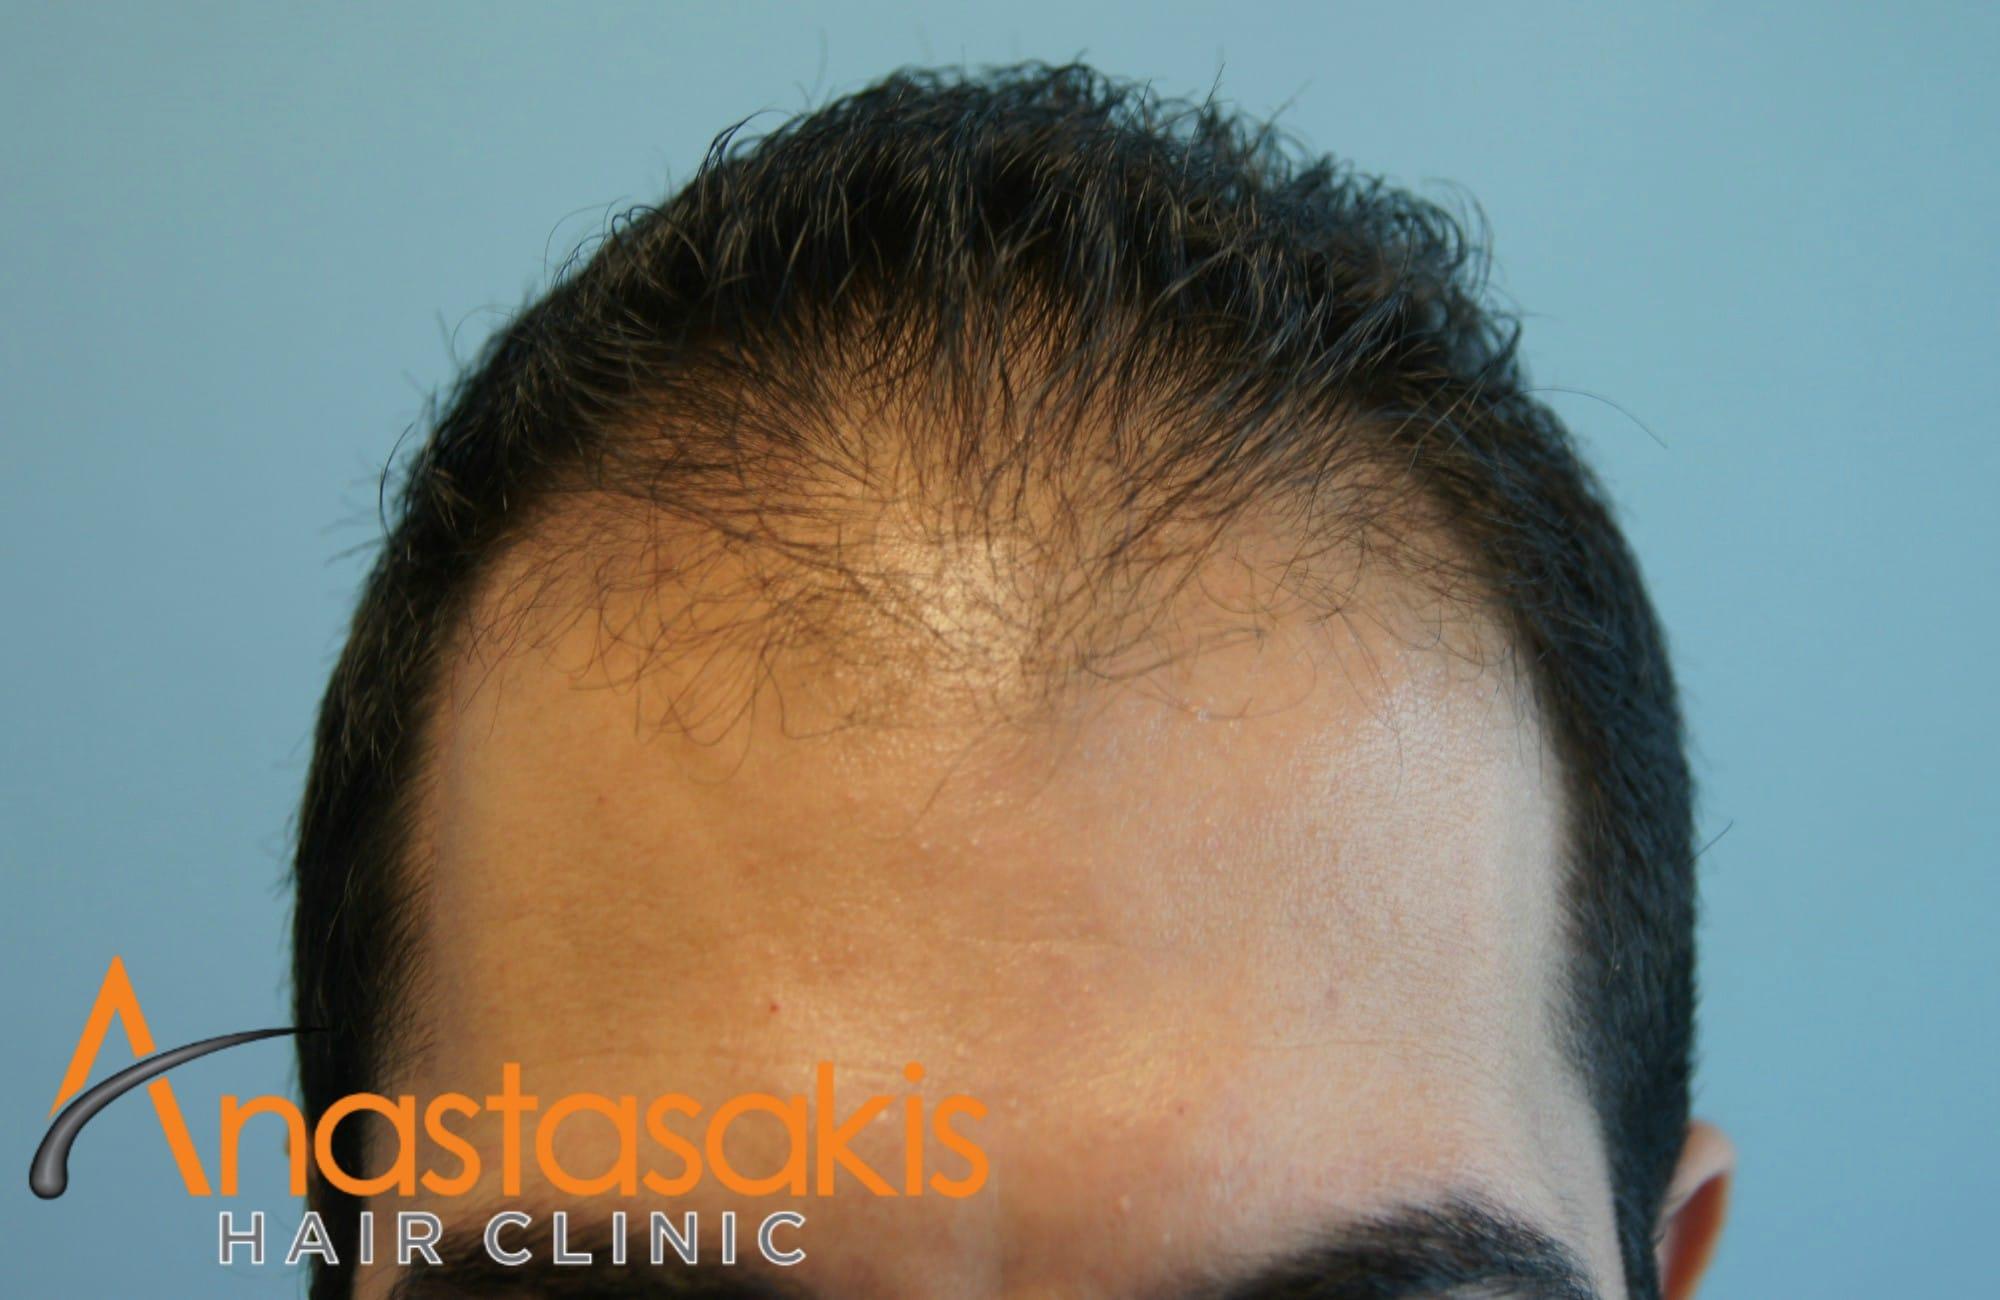 hairline ασθενους πριν τη μεταμοσχευση μαλλιων με 1200 fus